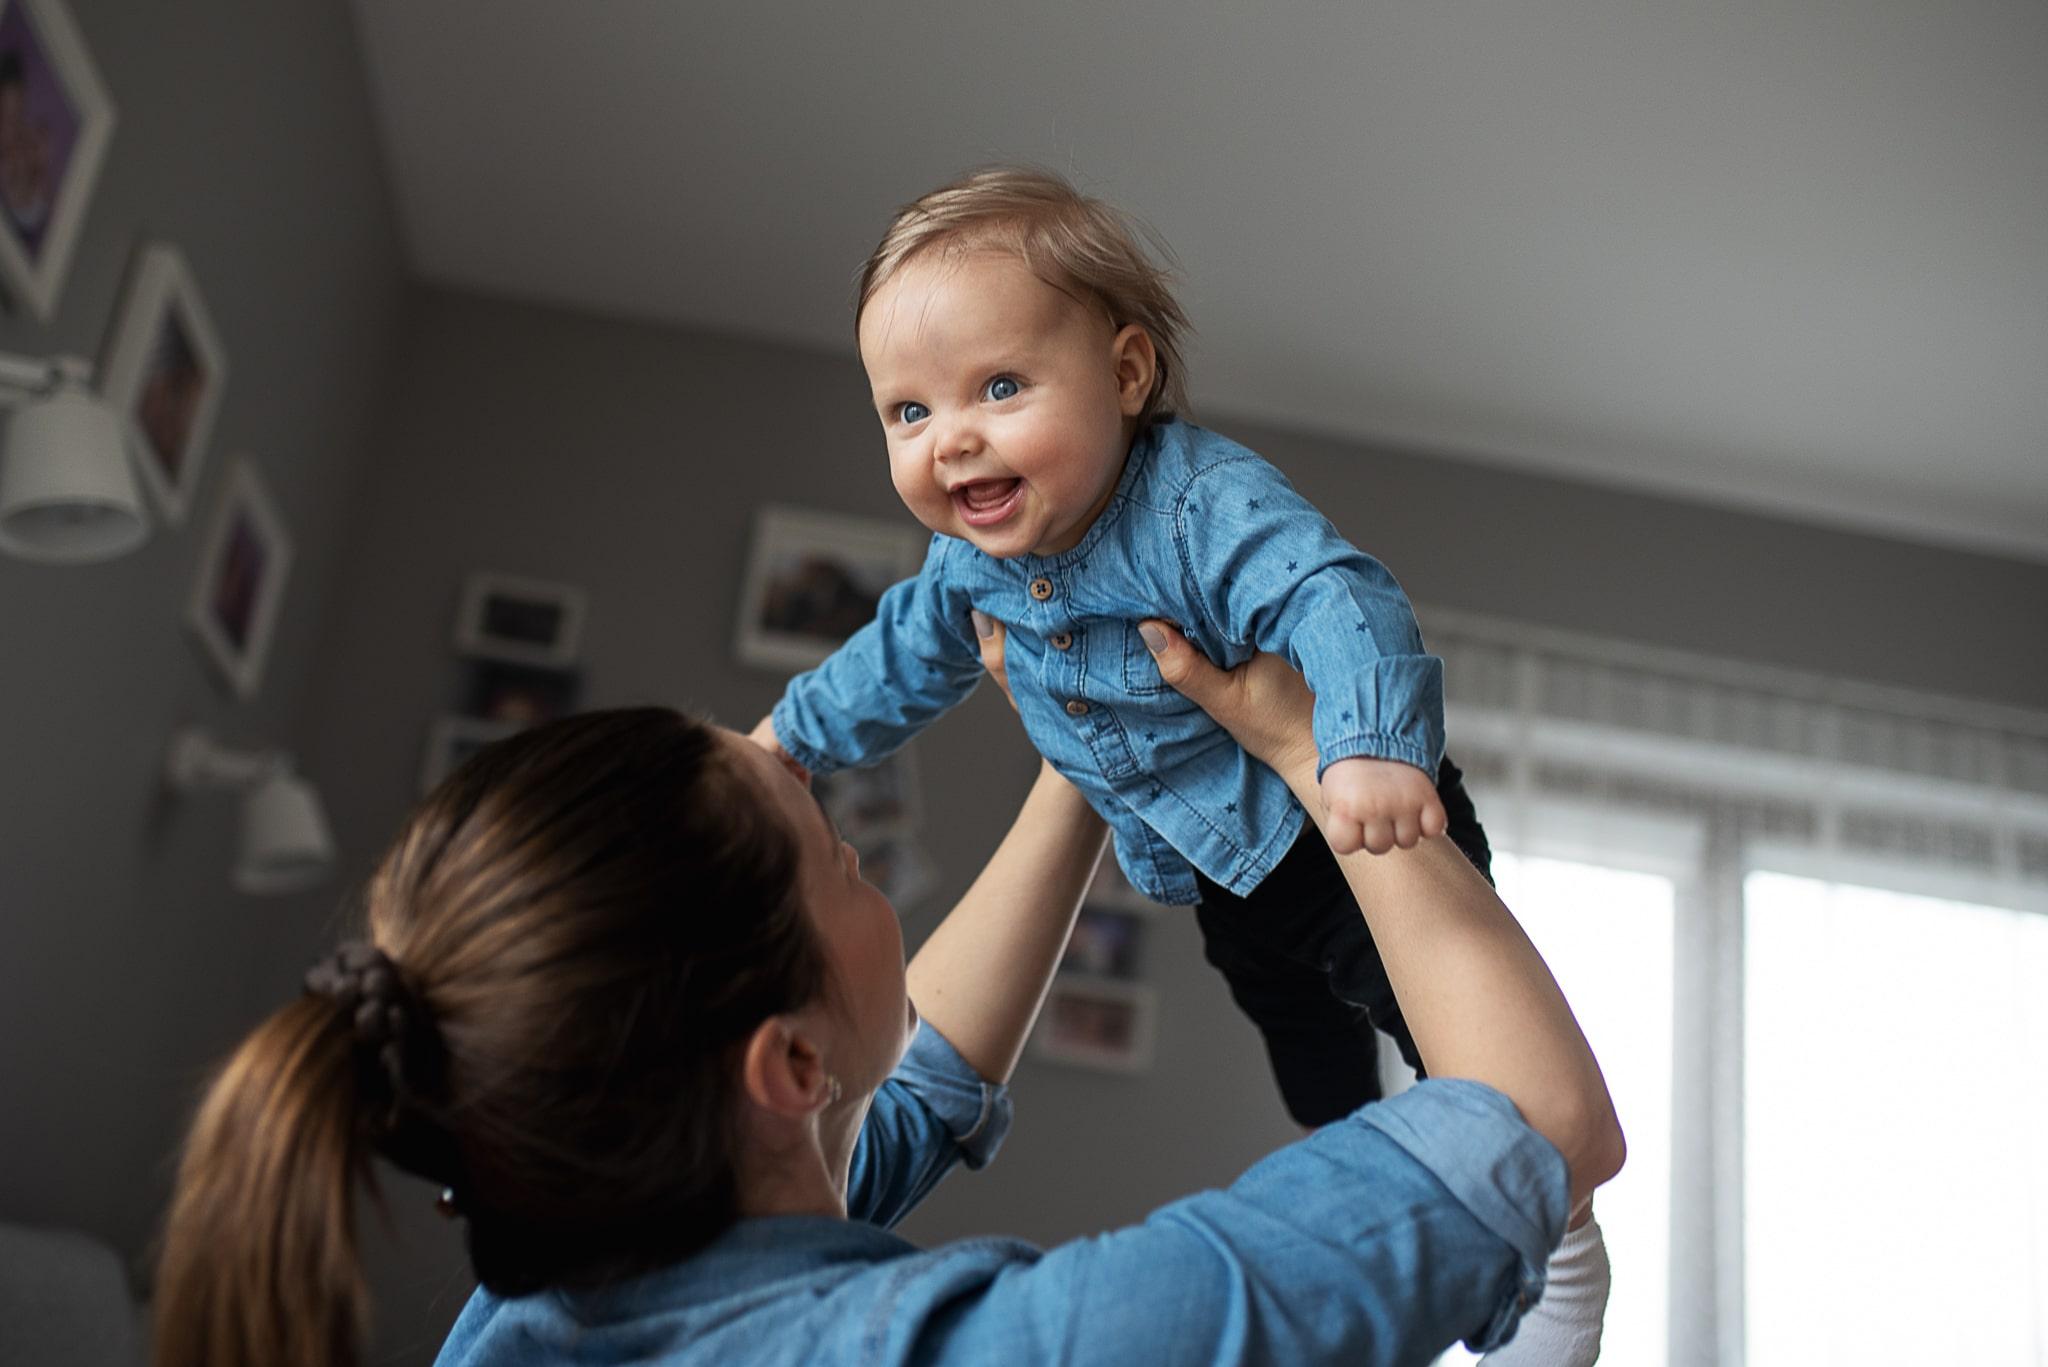 córeczka podnoszona do góry na rękach przez mamę